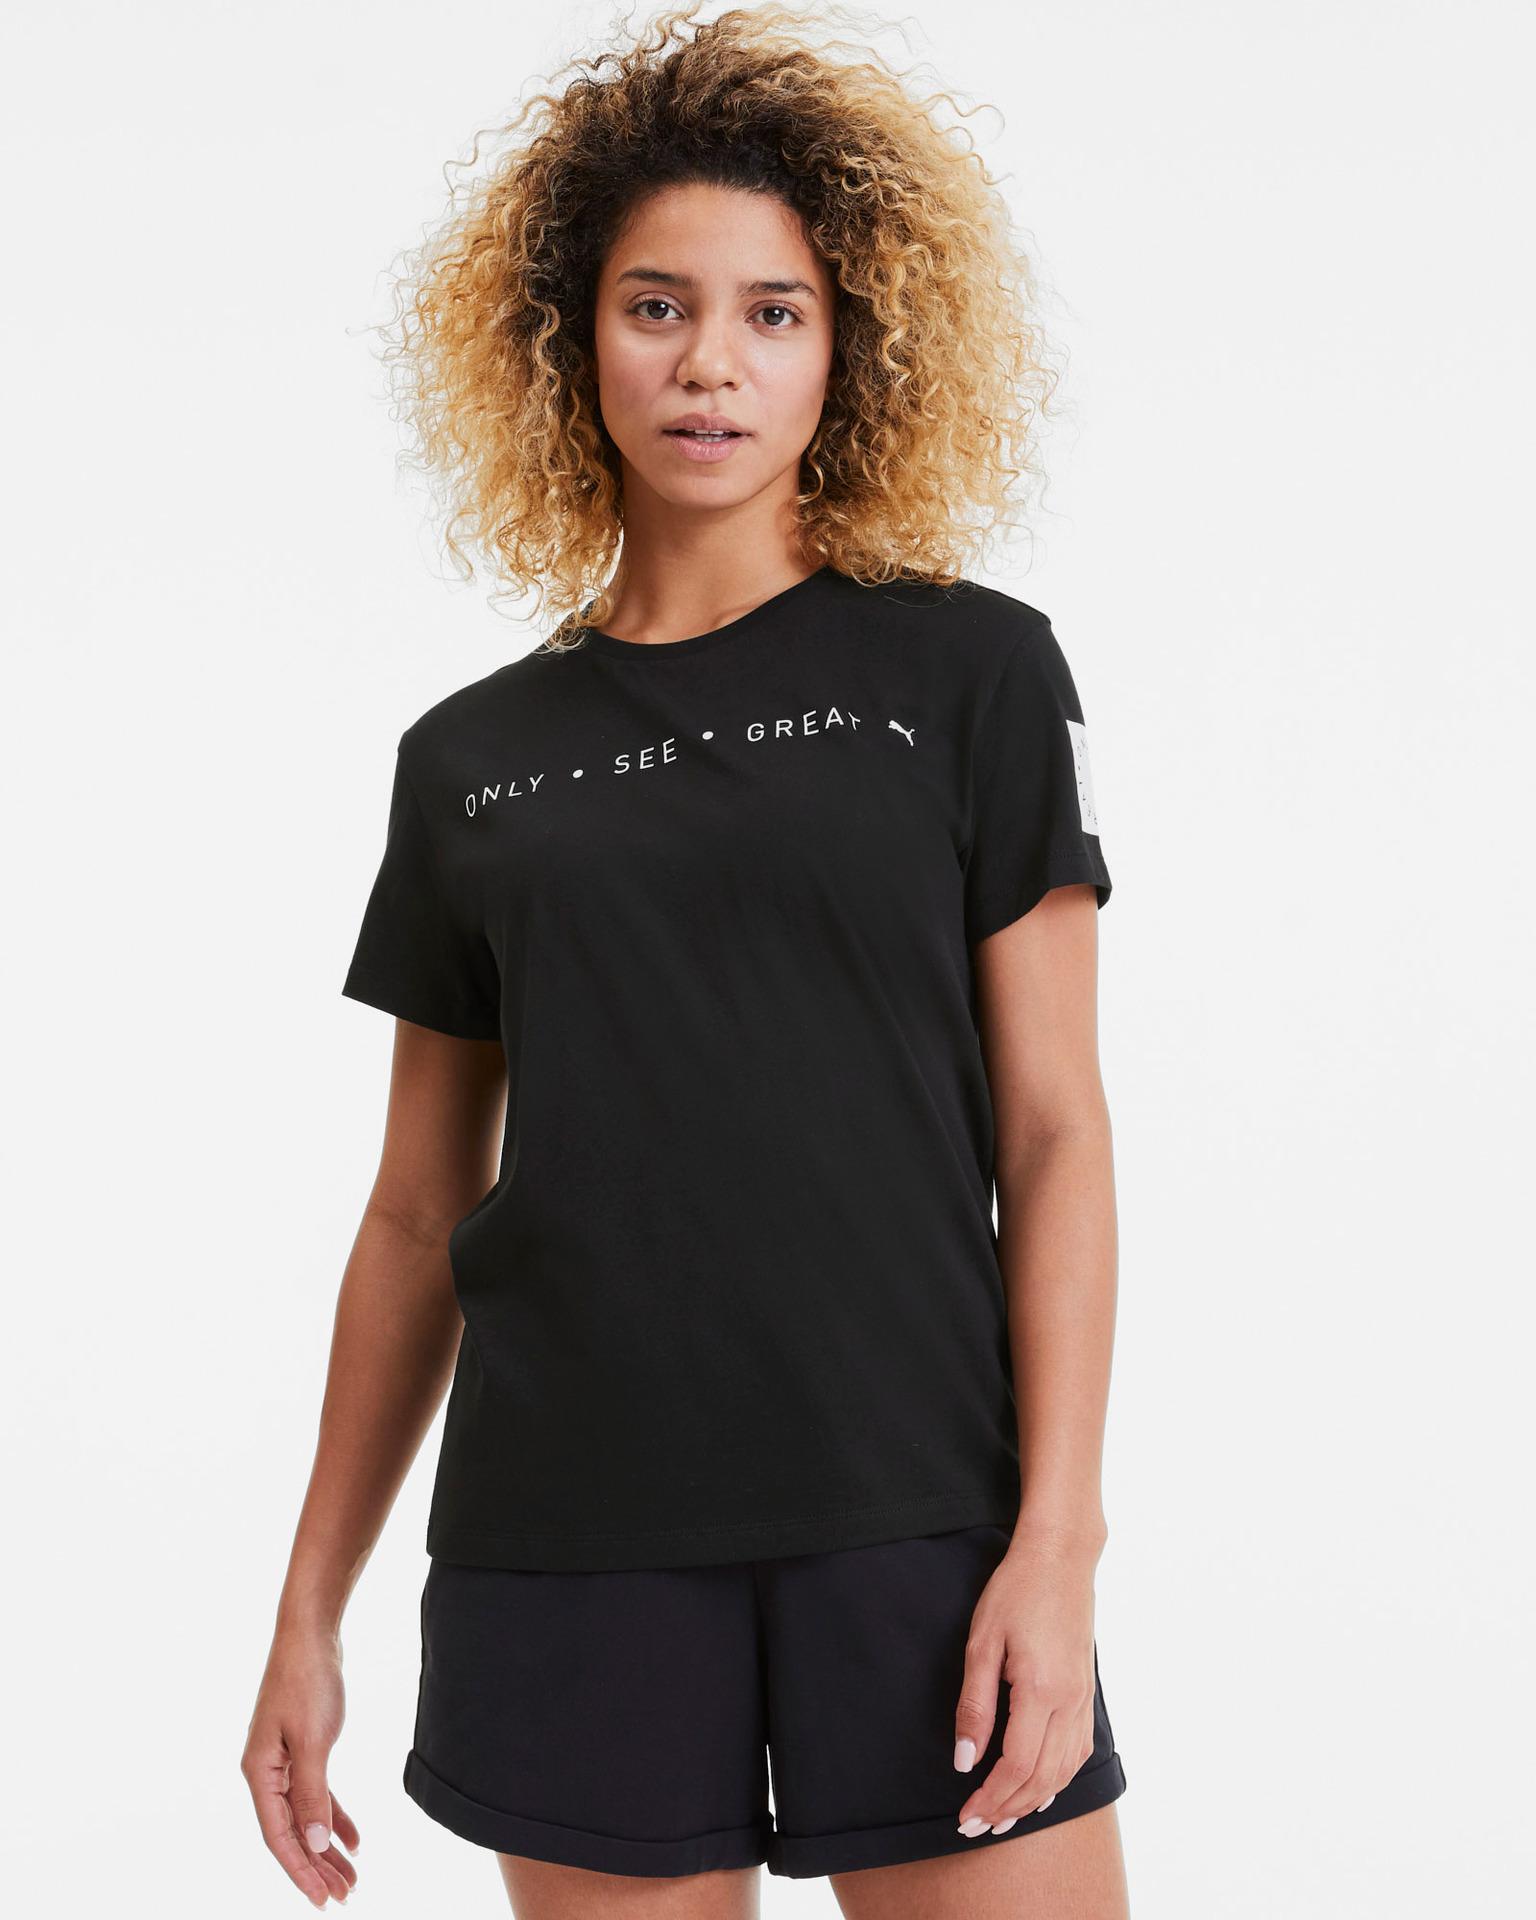 Puma Maglietta donna nero  See